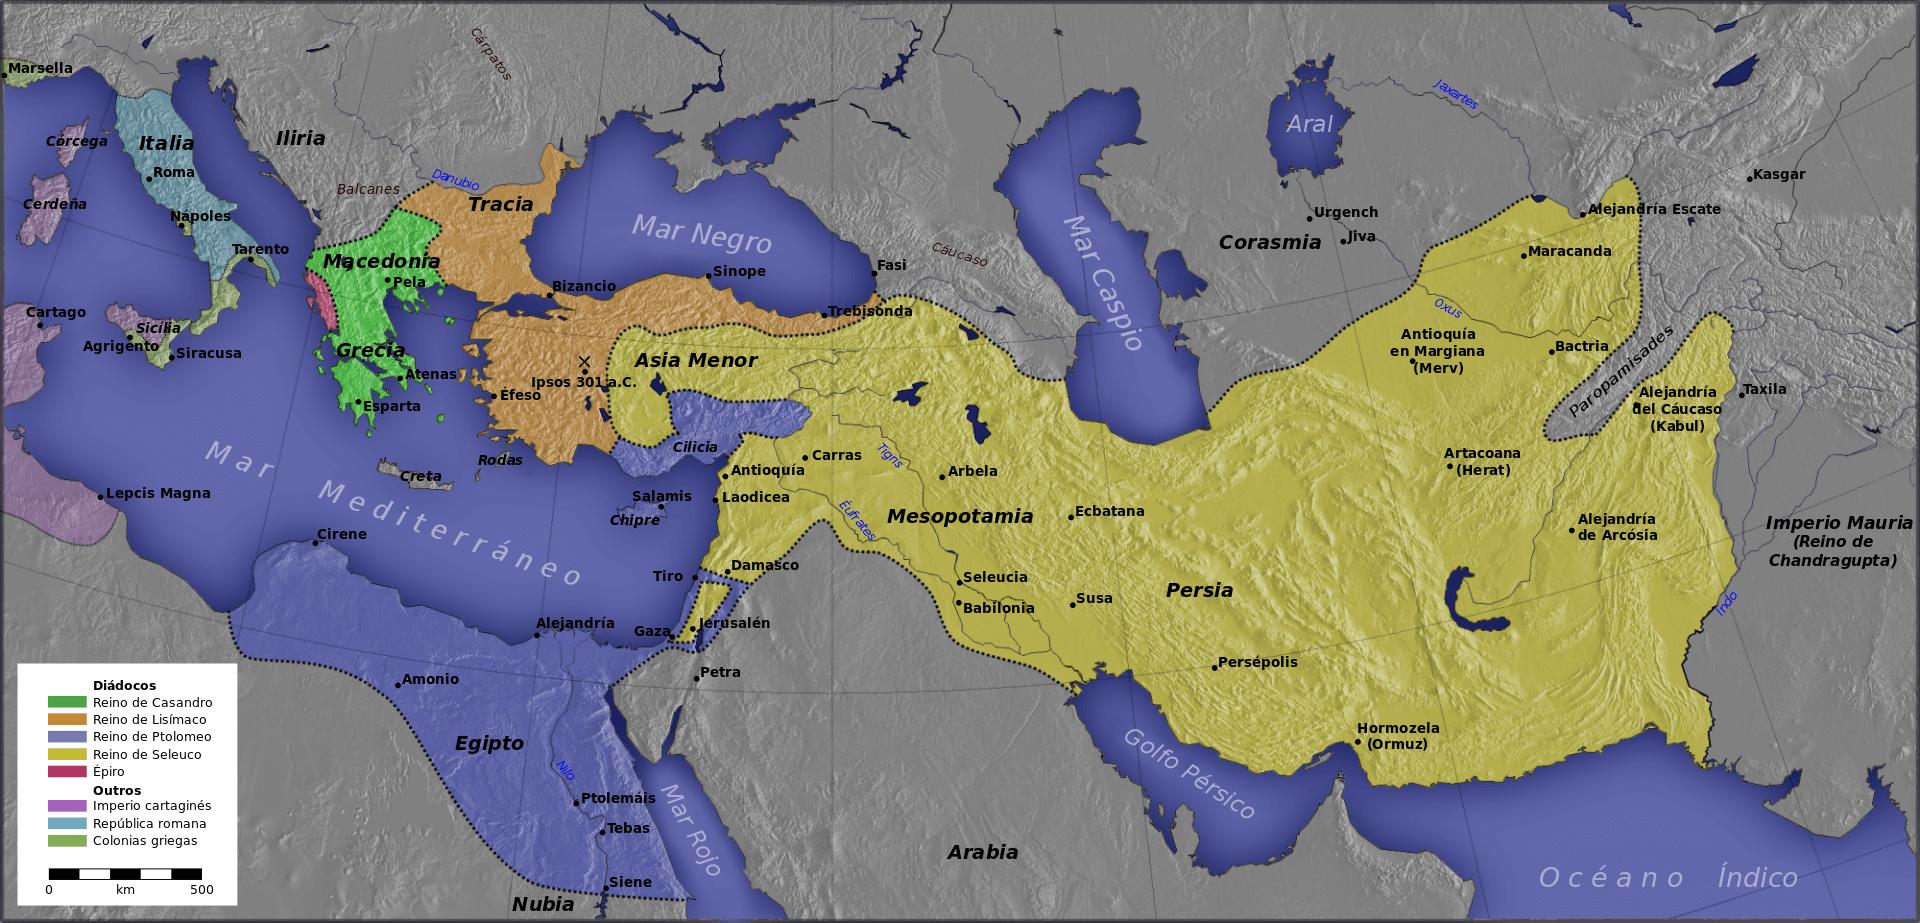 Los reinos de los diádocos y sus vecinos tras la batalla de Ipsos